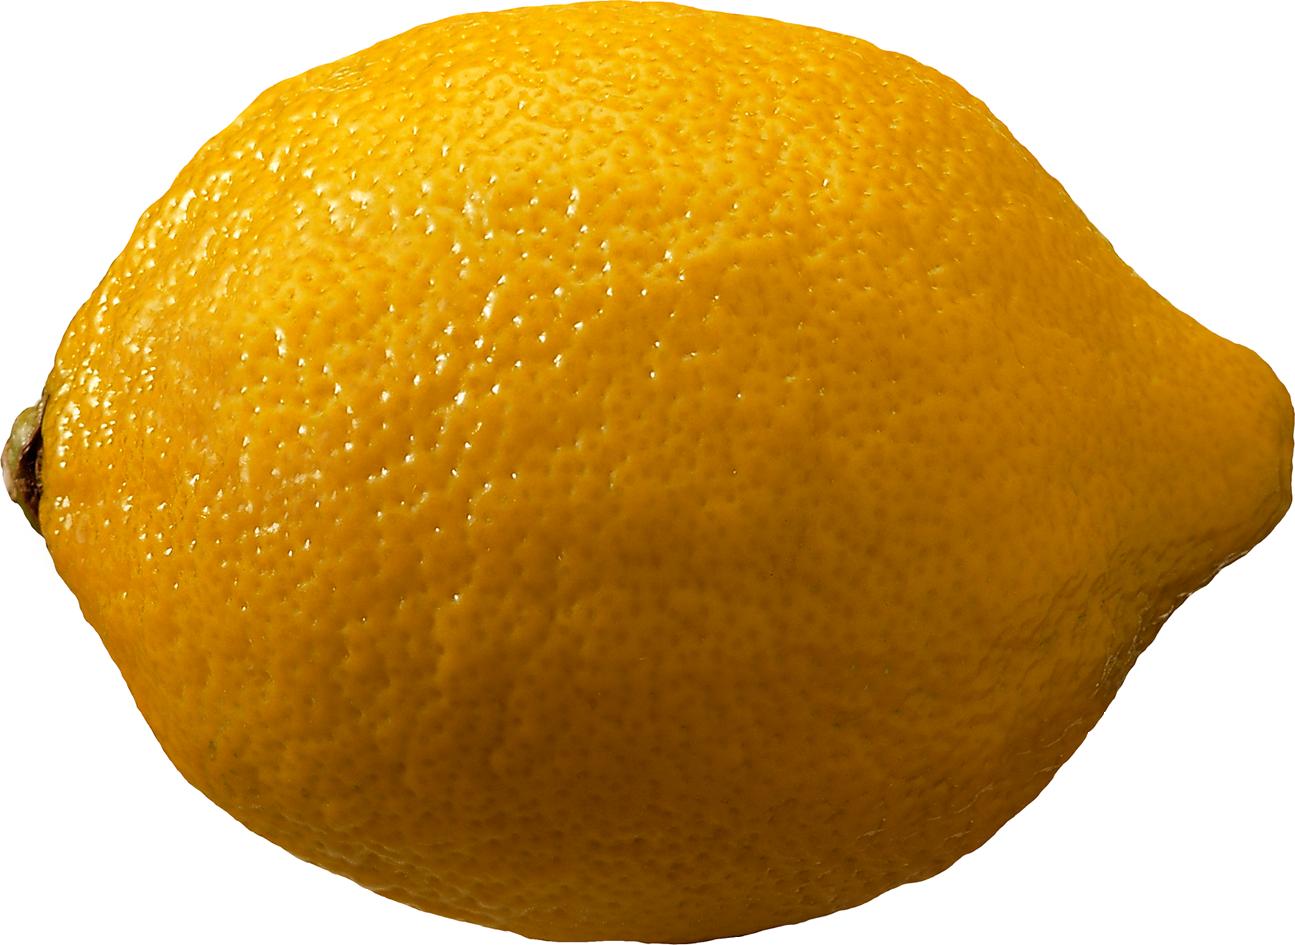 Pie clipart lemon meringue pie. Png images free fruit